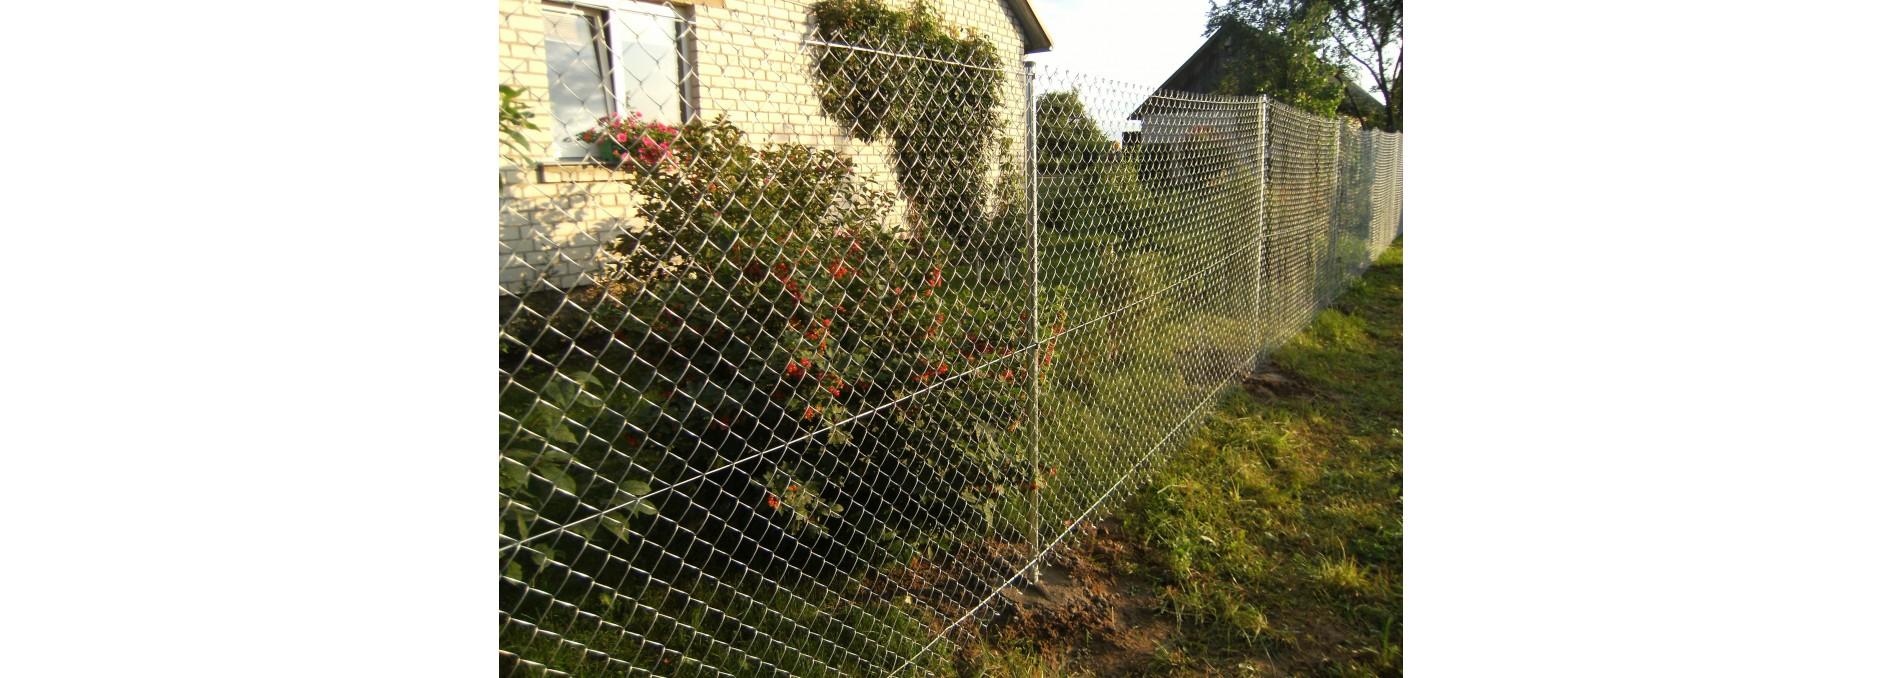 tinklo tvora